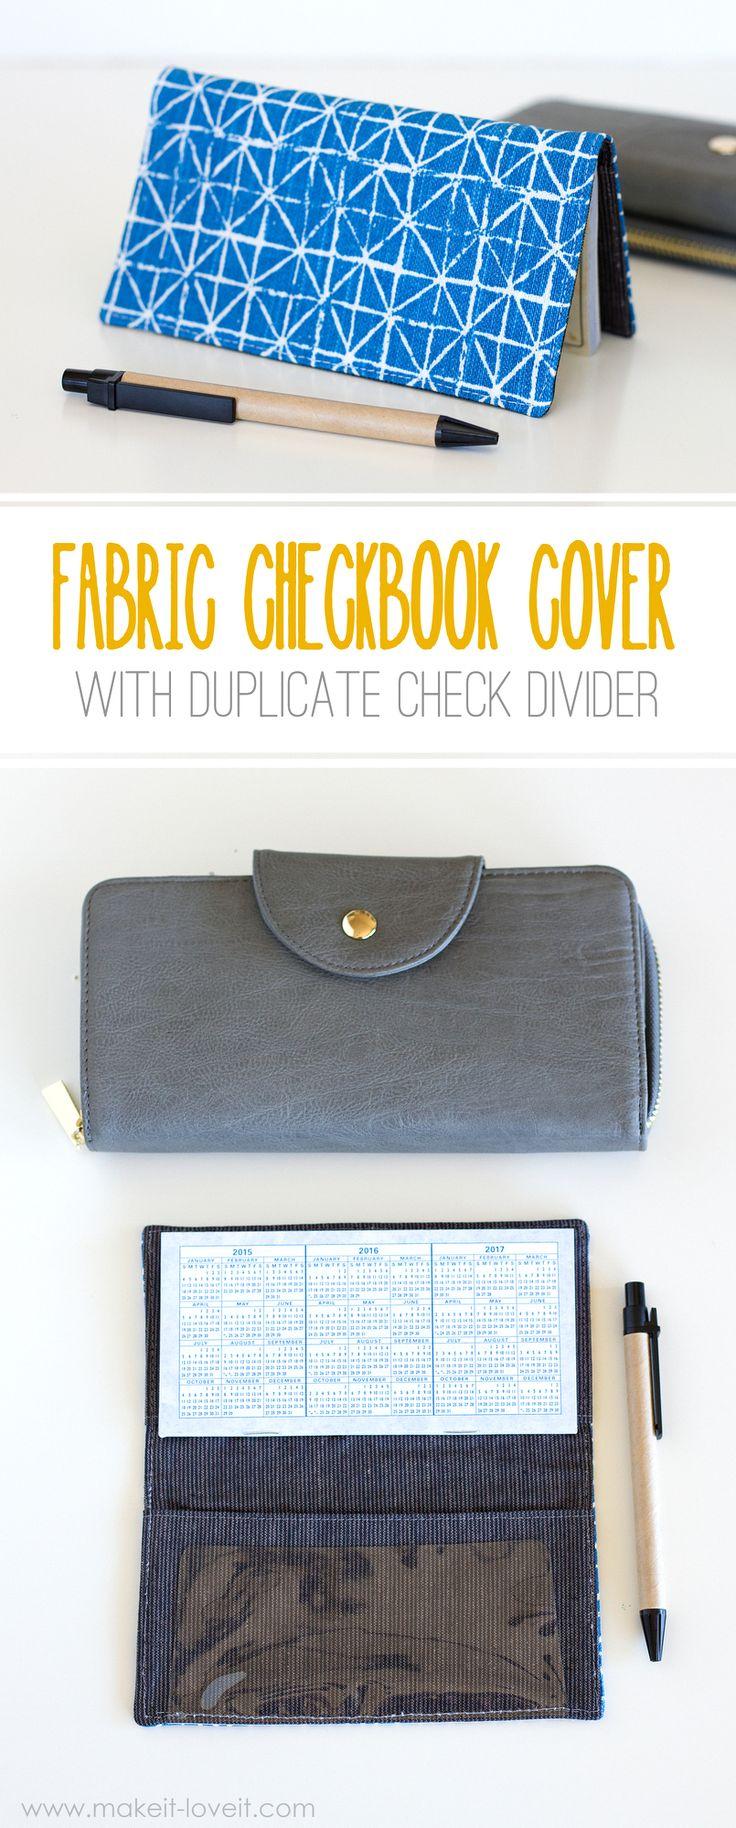 Tissu Vérifiez Couverture de livre (avec contrôle des doublons diviseur) | via Make It et adore